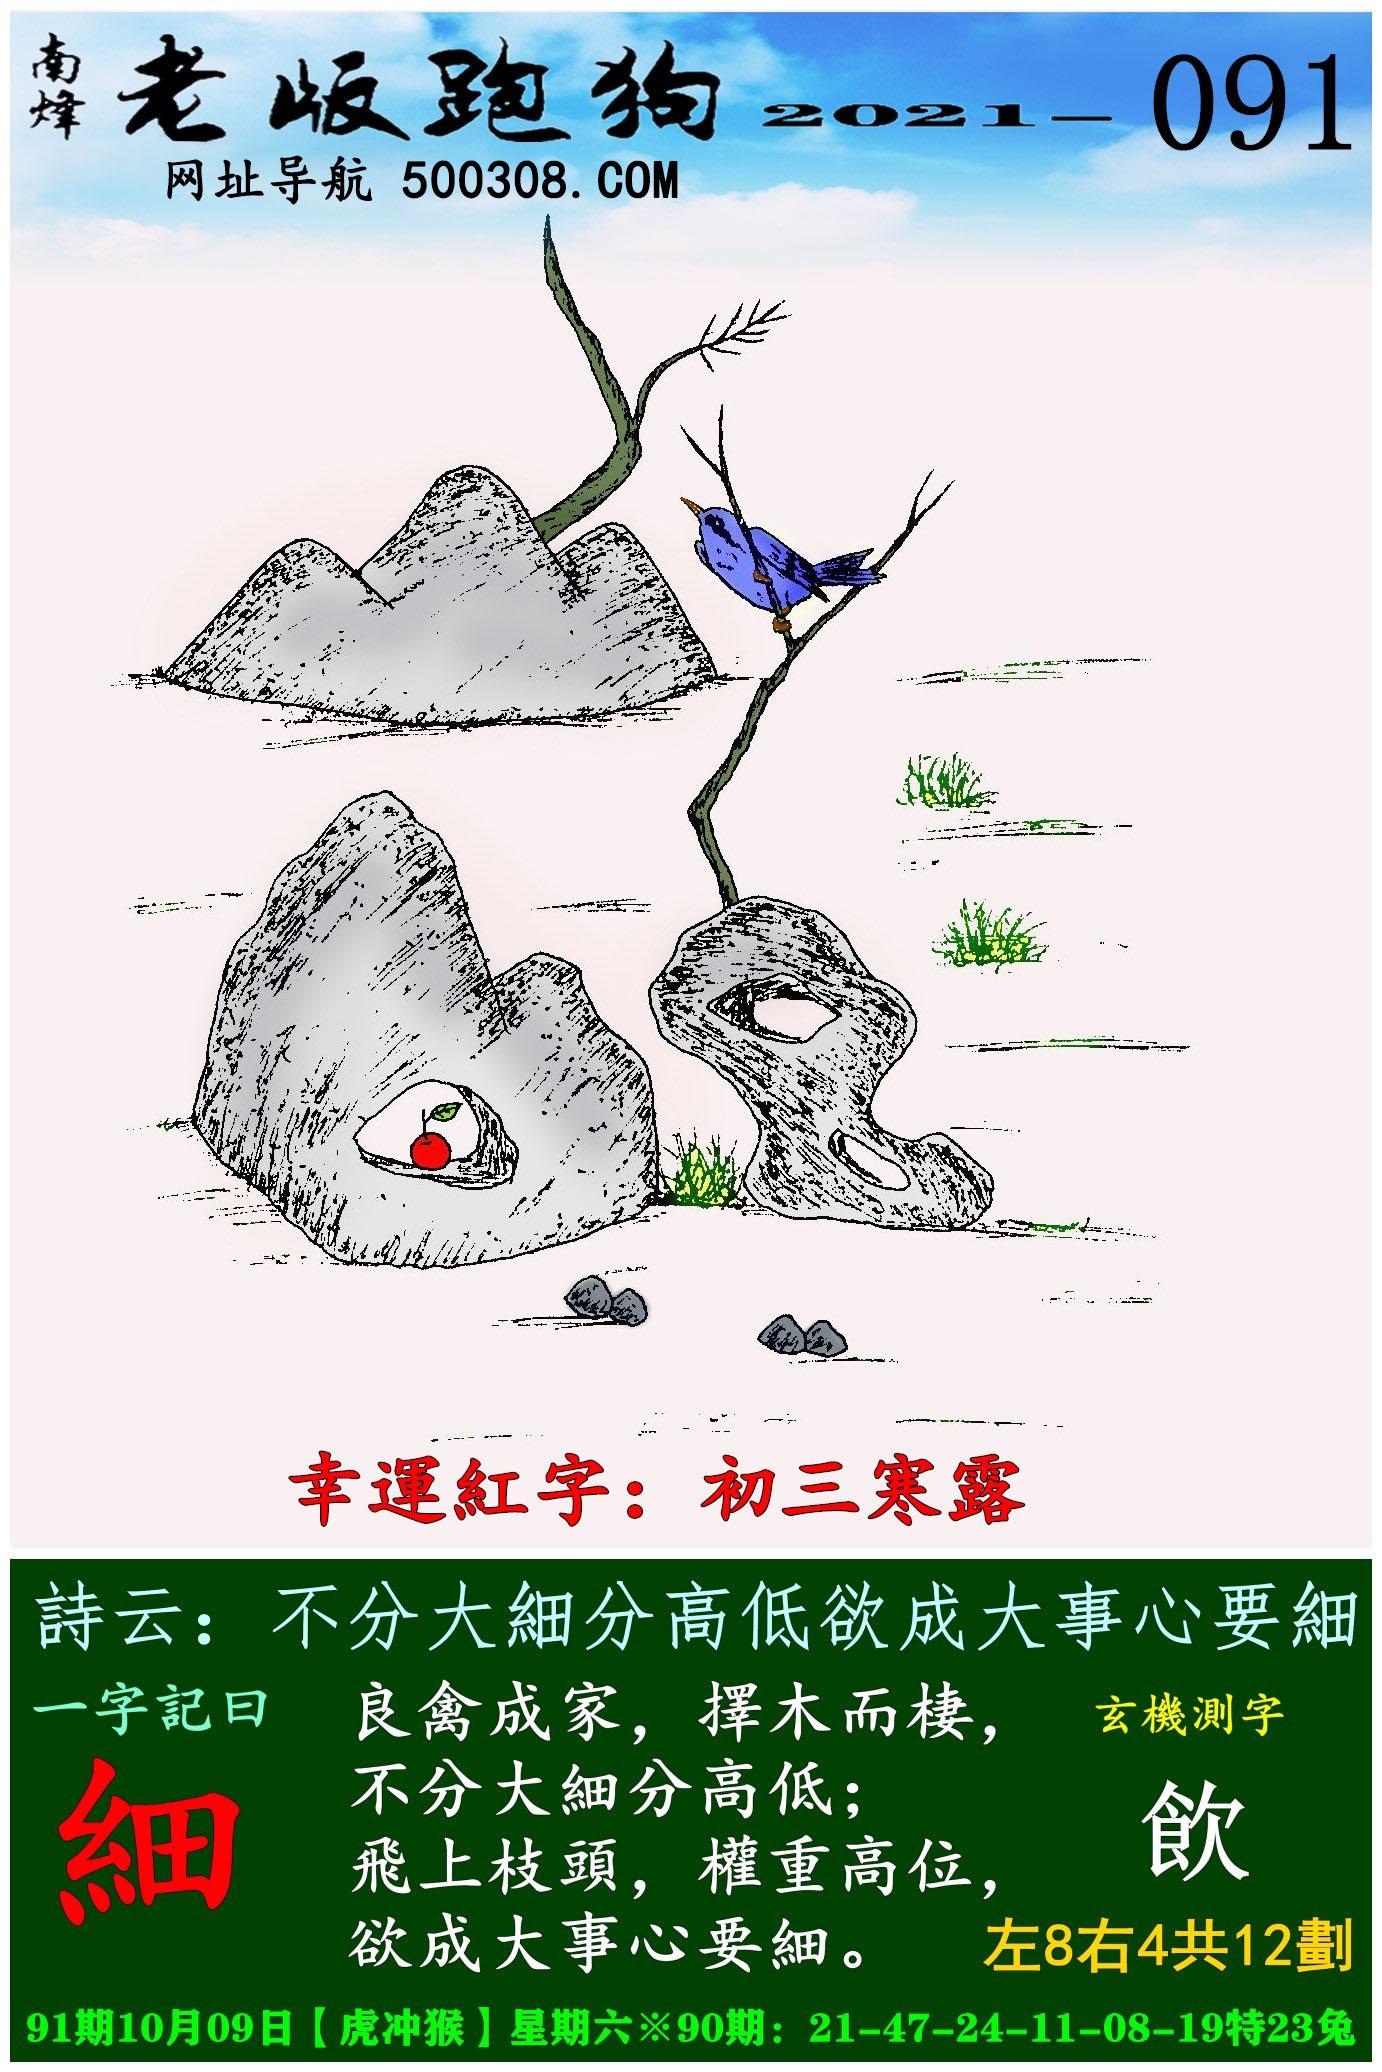 091期老版跑狗一字�之曰:【�】 ��:不分大�分高低,欲成大事心要�。